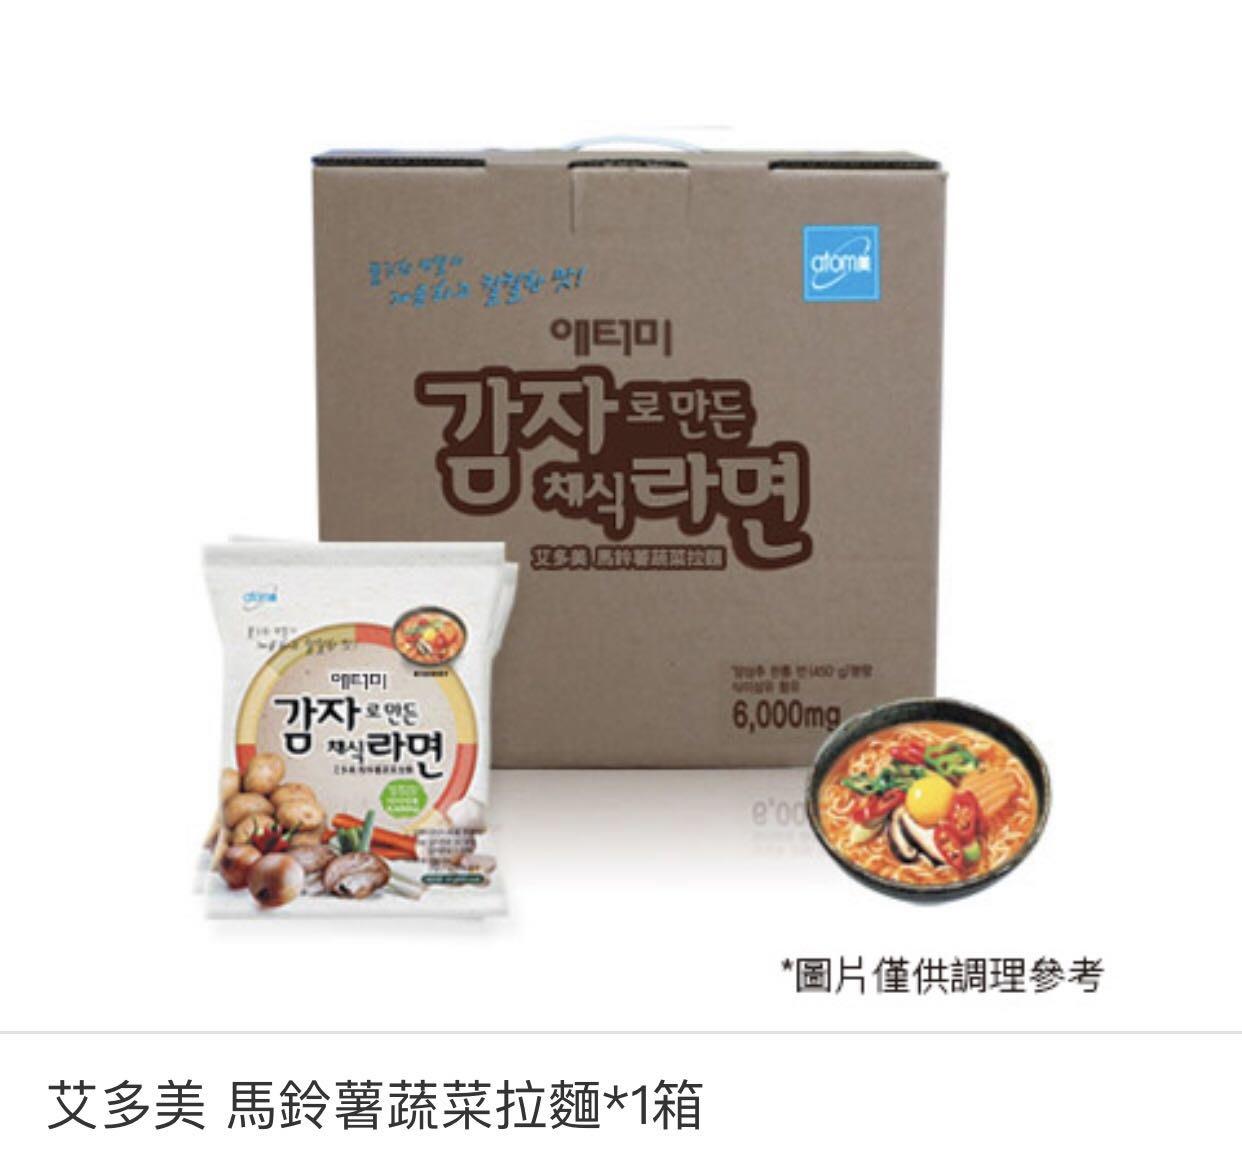 ✨免運💖艾多美 馬鈴薯蔬菜拉麵*1箱(24包)💖 Atomy 會員價